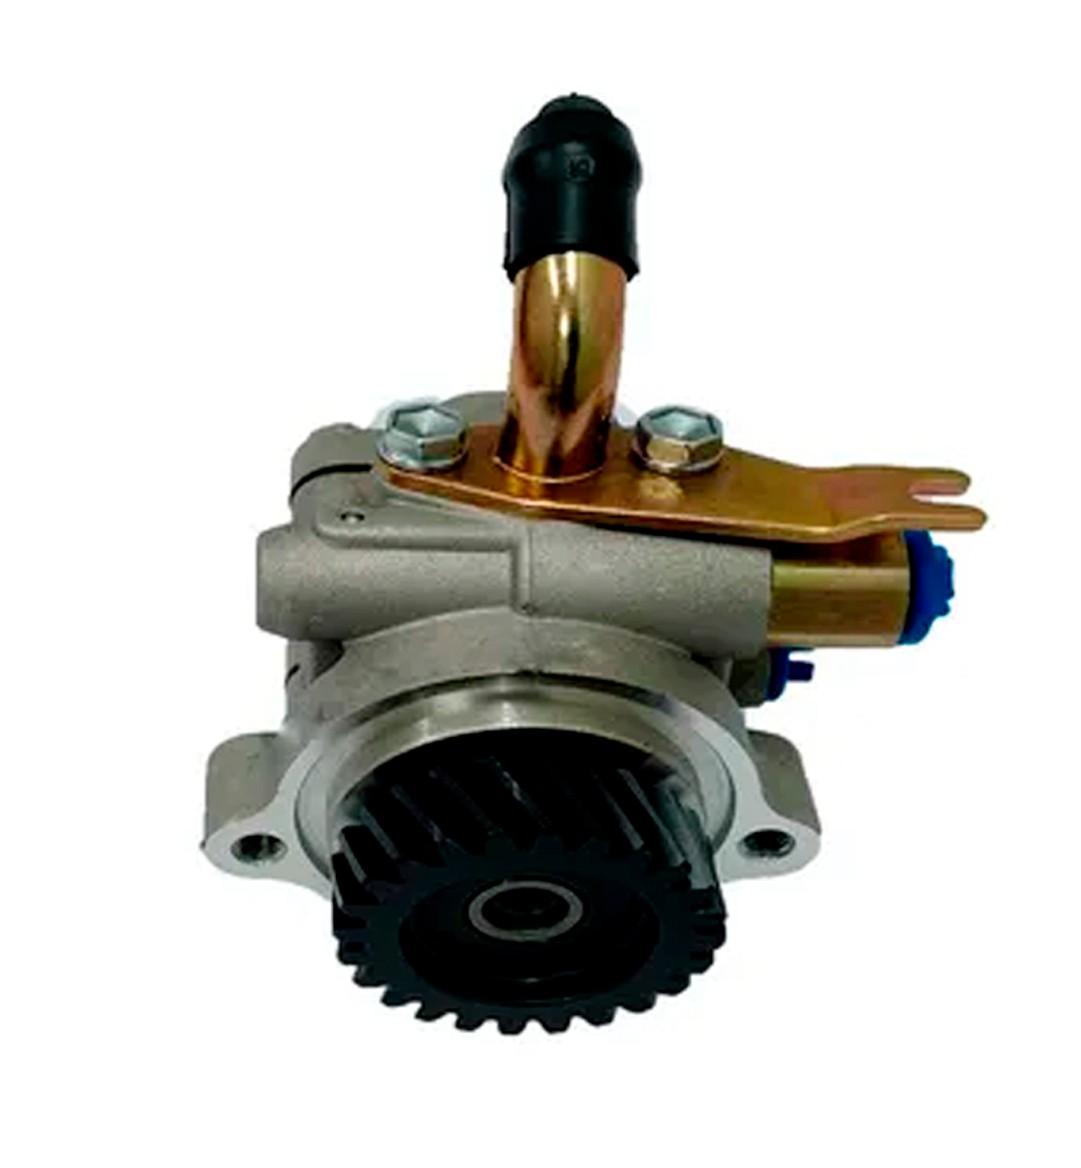 Bomba de Direção Hidráulica L200 Triton | Pajero Full 2001 à 2007